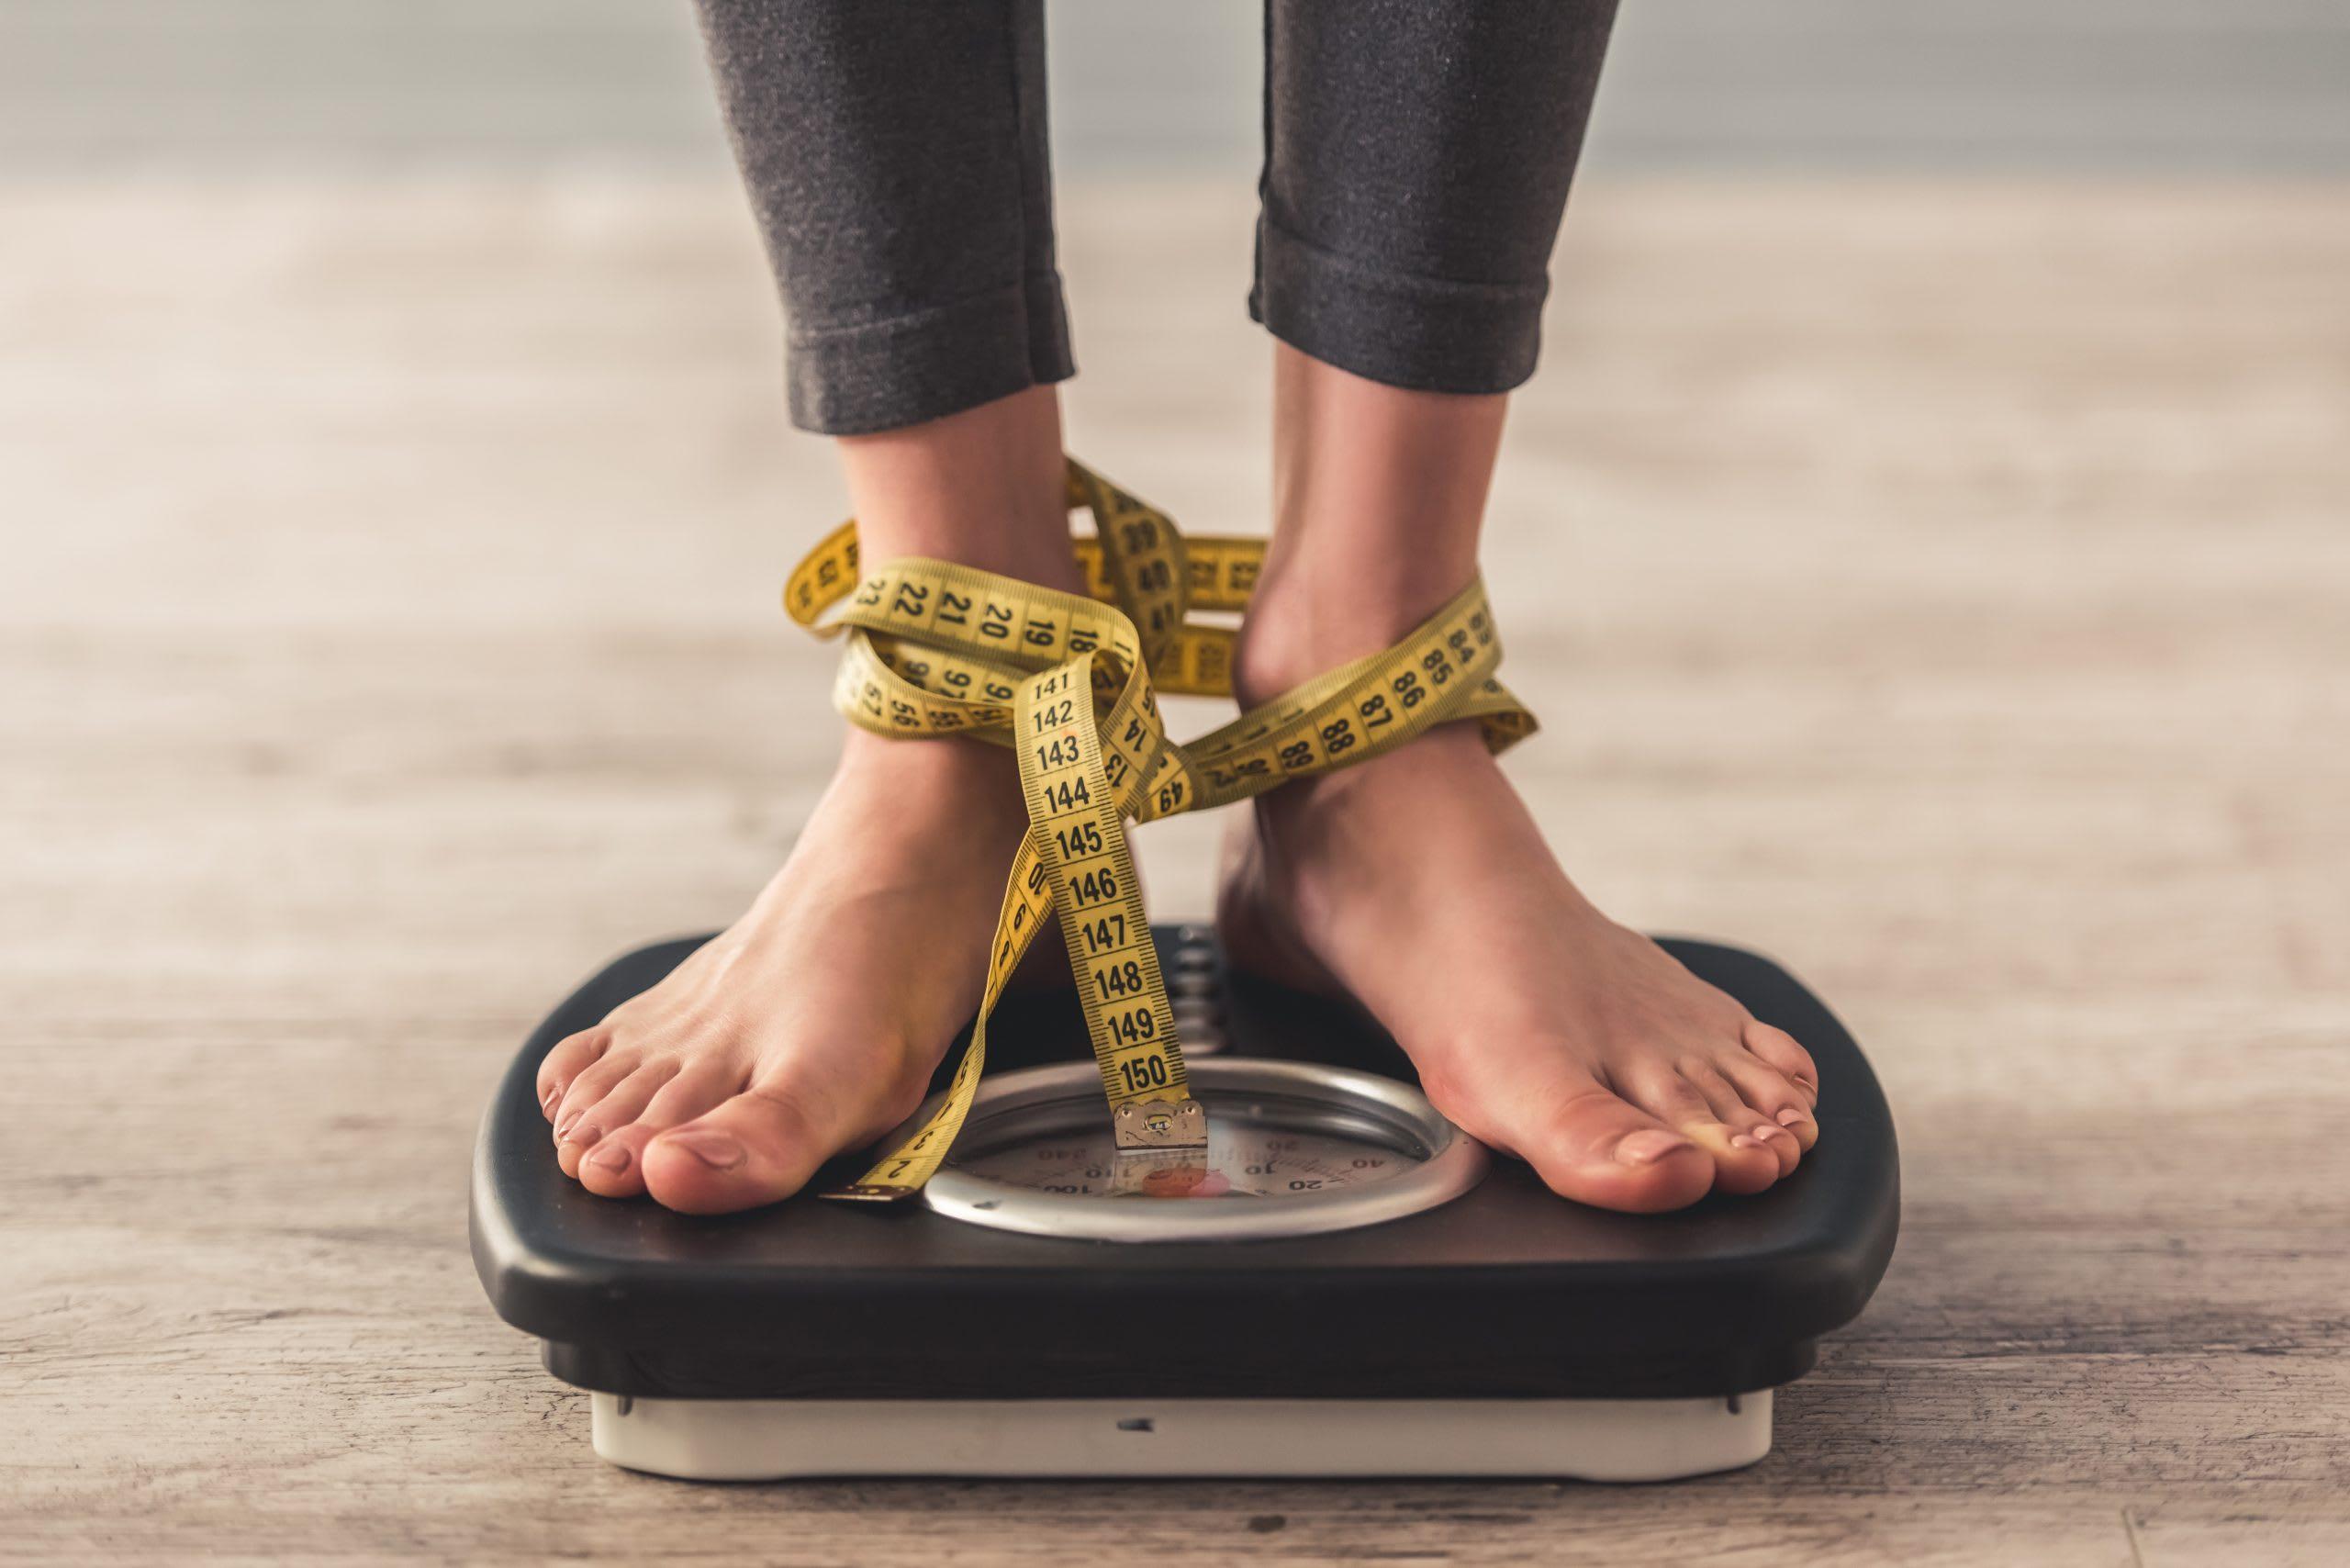 Ist dein BMI normal? Dank der einfachen BMI-Formel kannst du mit dem BMI-Rechner von Swissmilk schnell den eigenen BMI berechnen. Gib Geschlecht (Mann/Frau), Gewicht und Grösse ein und erhalte den Wert sowie Infos zu deinem Body-Mass-Index.